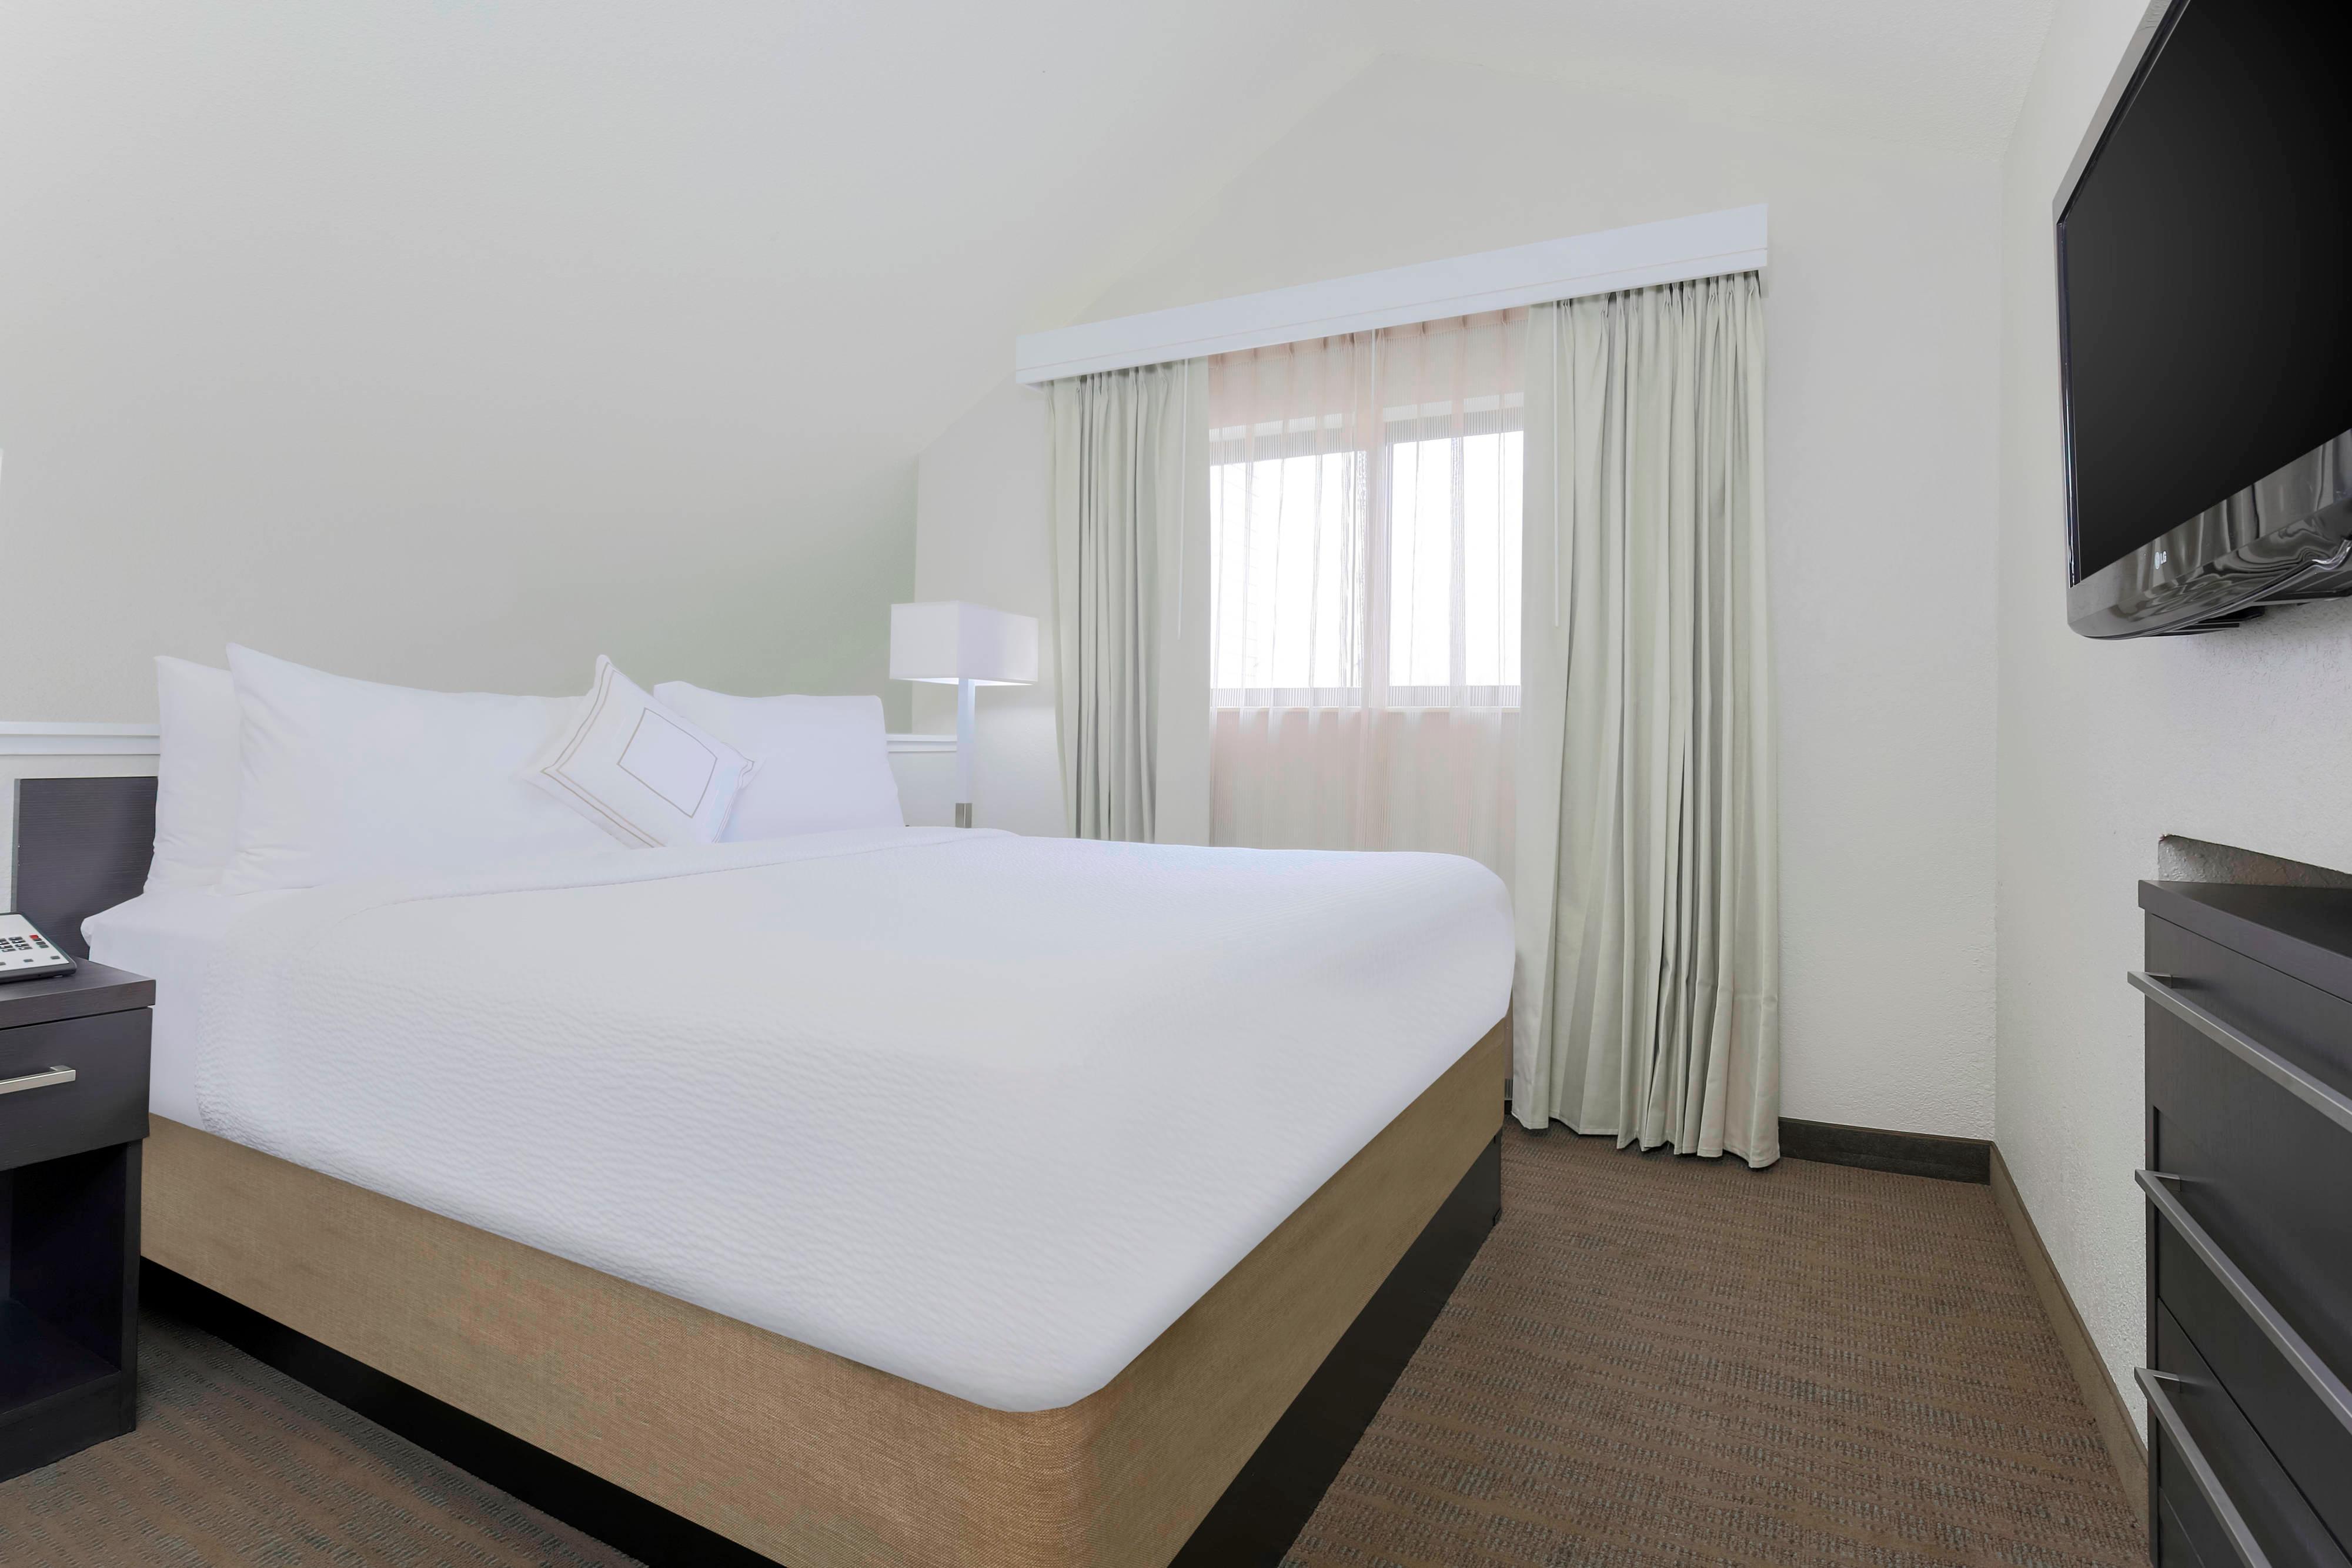 Penthouse Suite - Upper Floor Bedroom